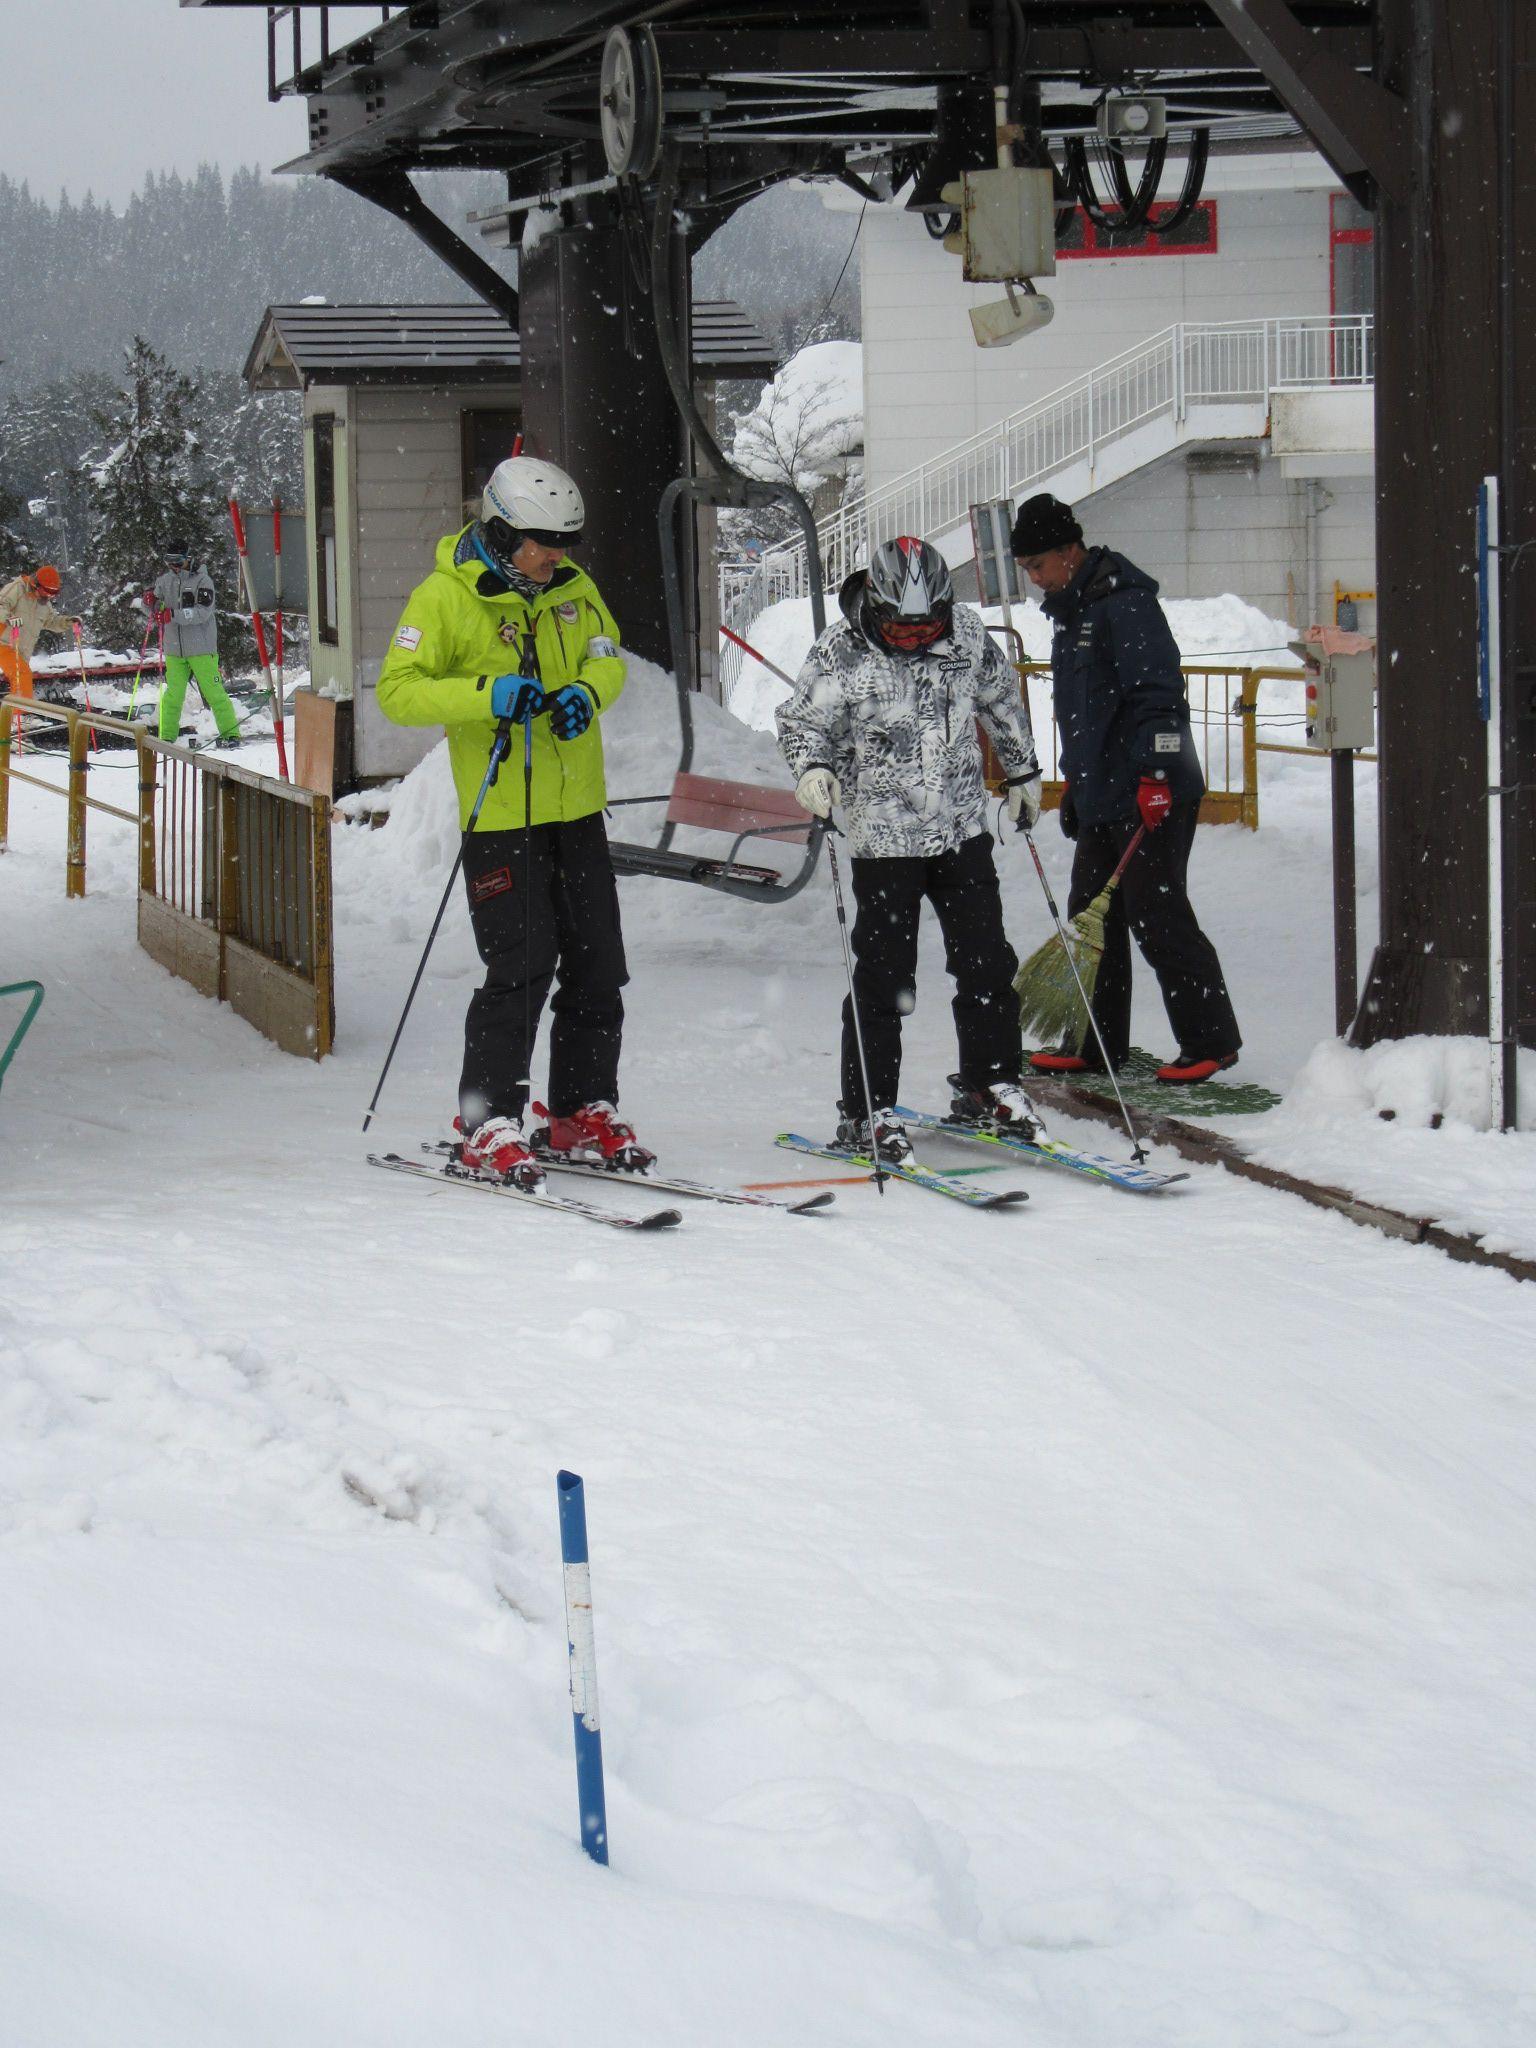 オープンした胎内スキー場でリフトを待つスキーヤー=15日、胎内市